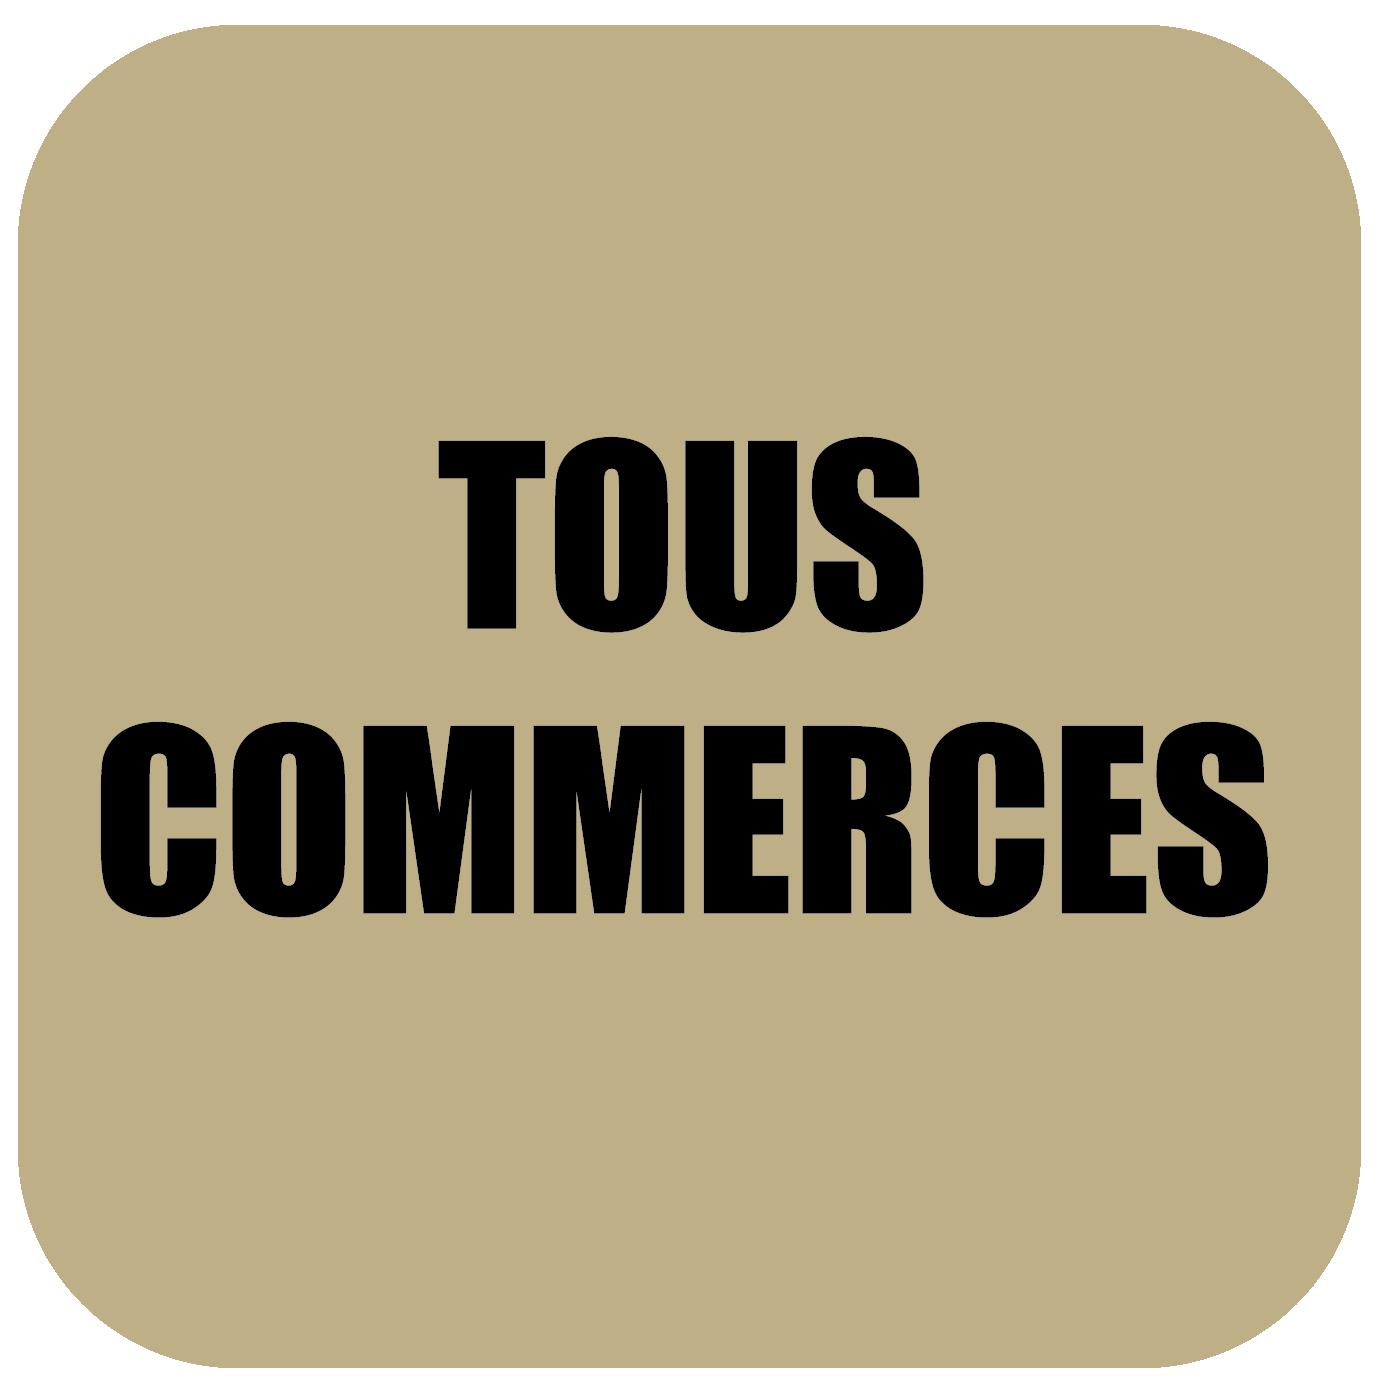 Tous commerces à vendre - 47.0 m2 - 44 - Loire-Atlantique